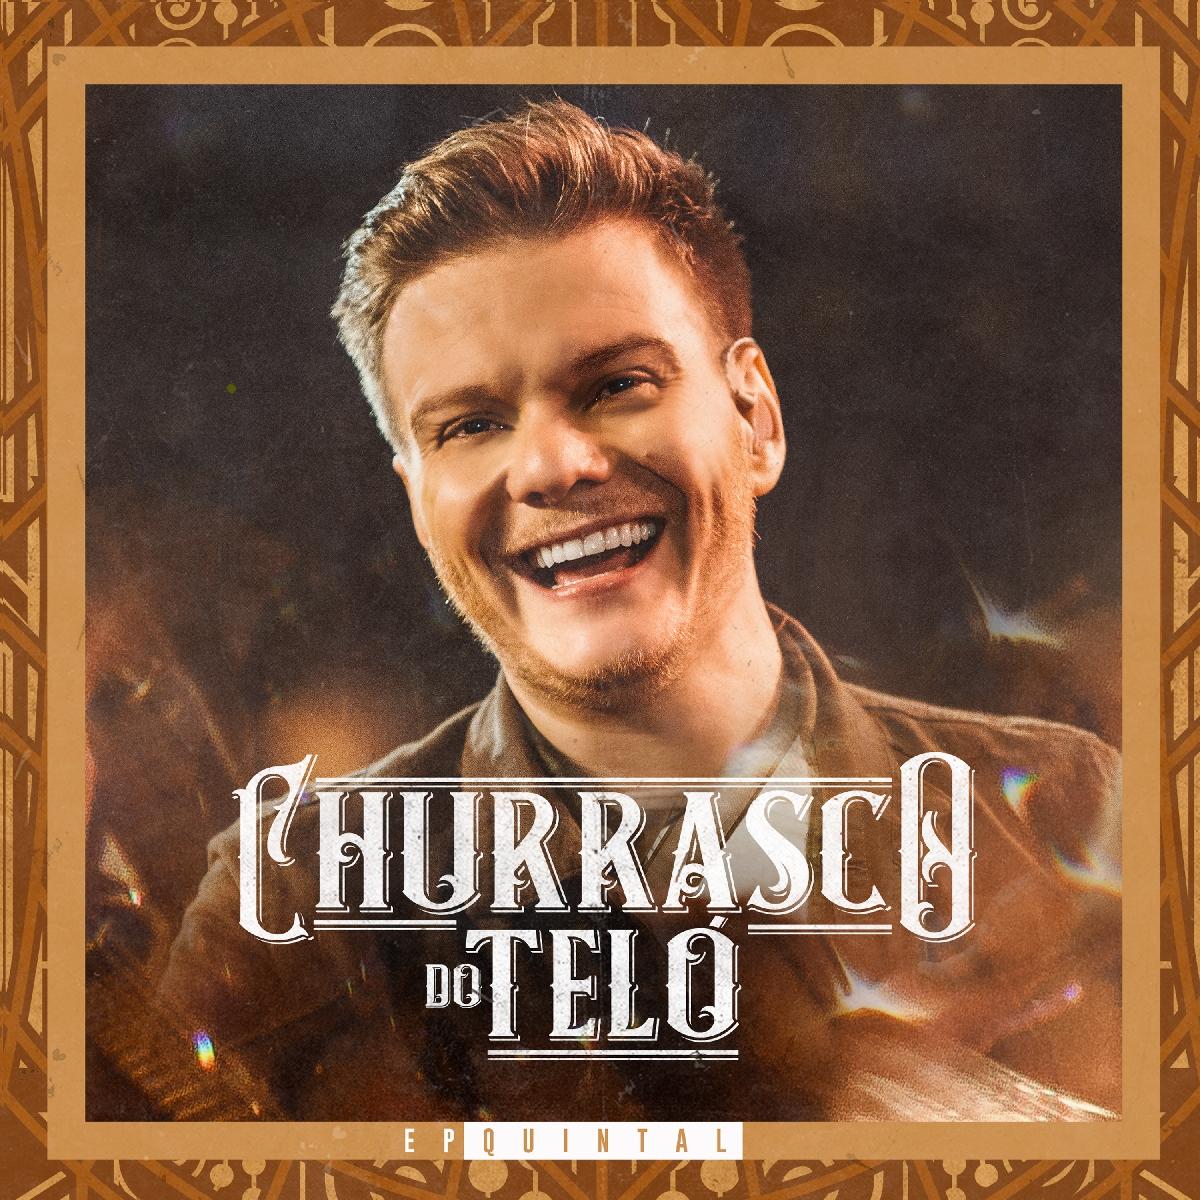 """Michel Teló lança EP """"Churrasco do Teló"""" com 6 músicas inéditas 41"""